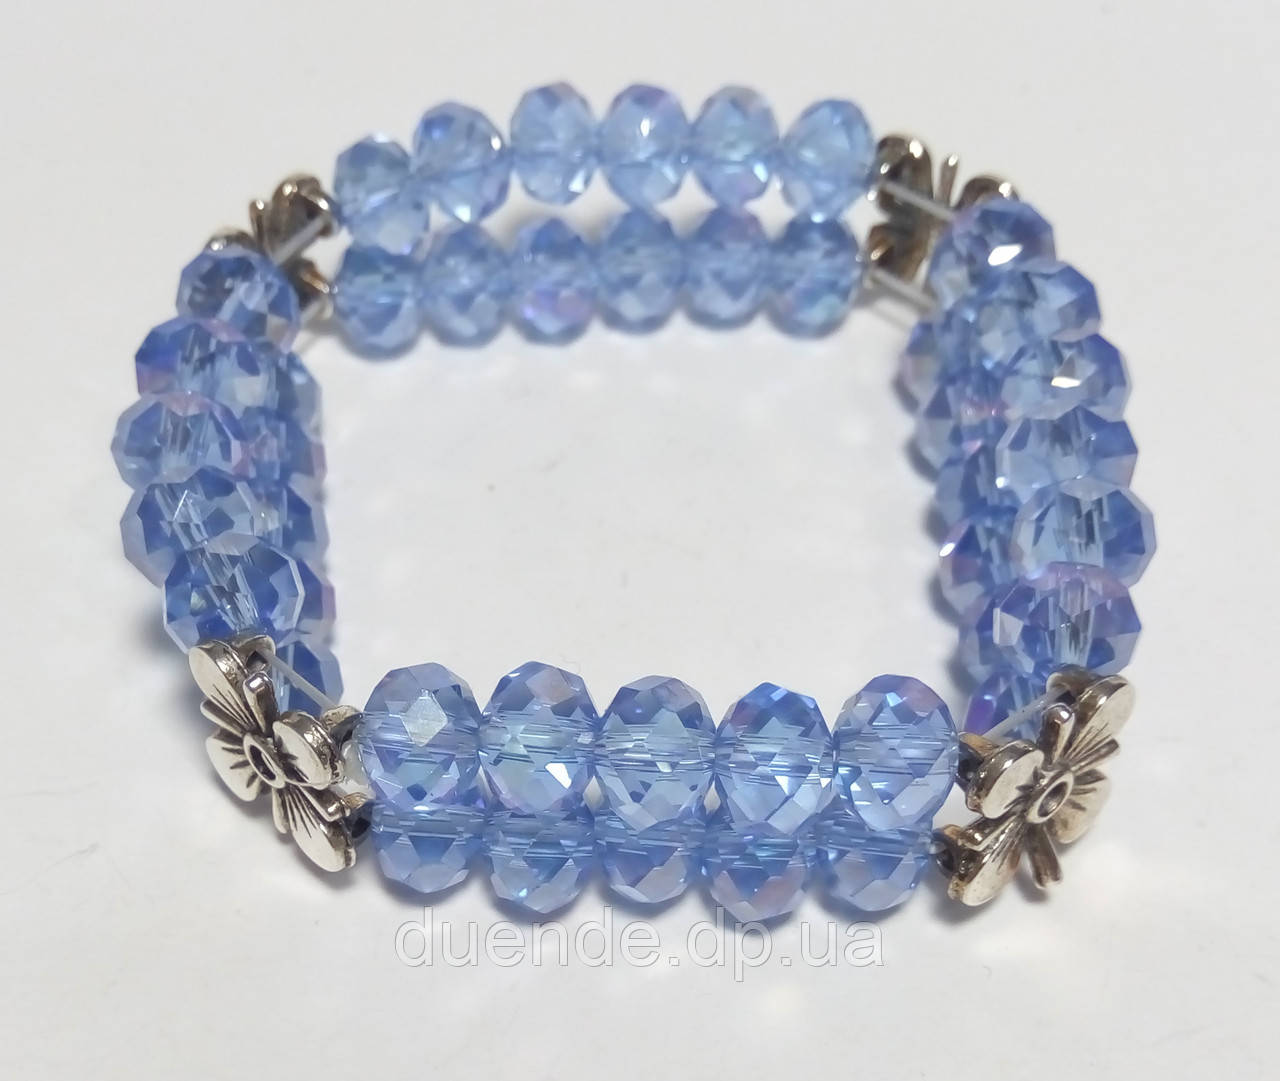 Браслет дворядний Чеський Кришталь, колір блакитний, тм Satori \ Sb - 0047